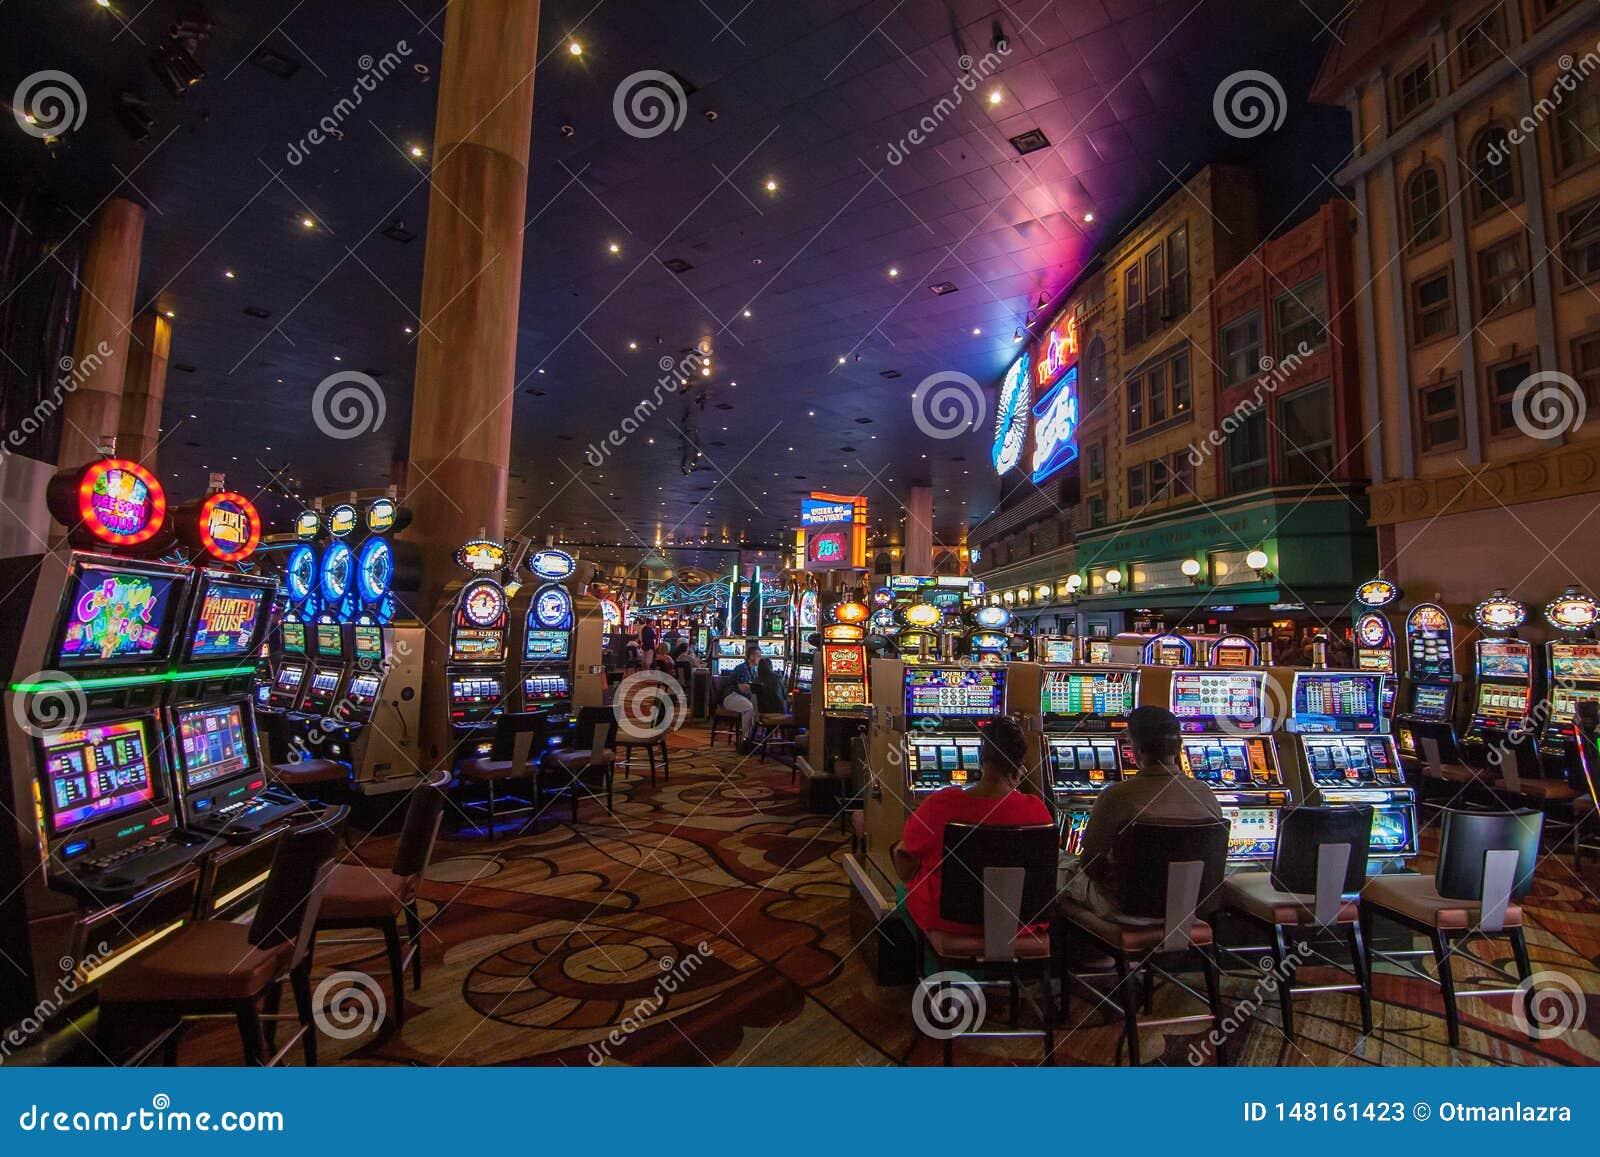 Slot machines in New York-New York Hotel